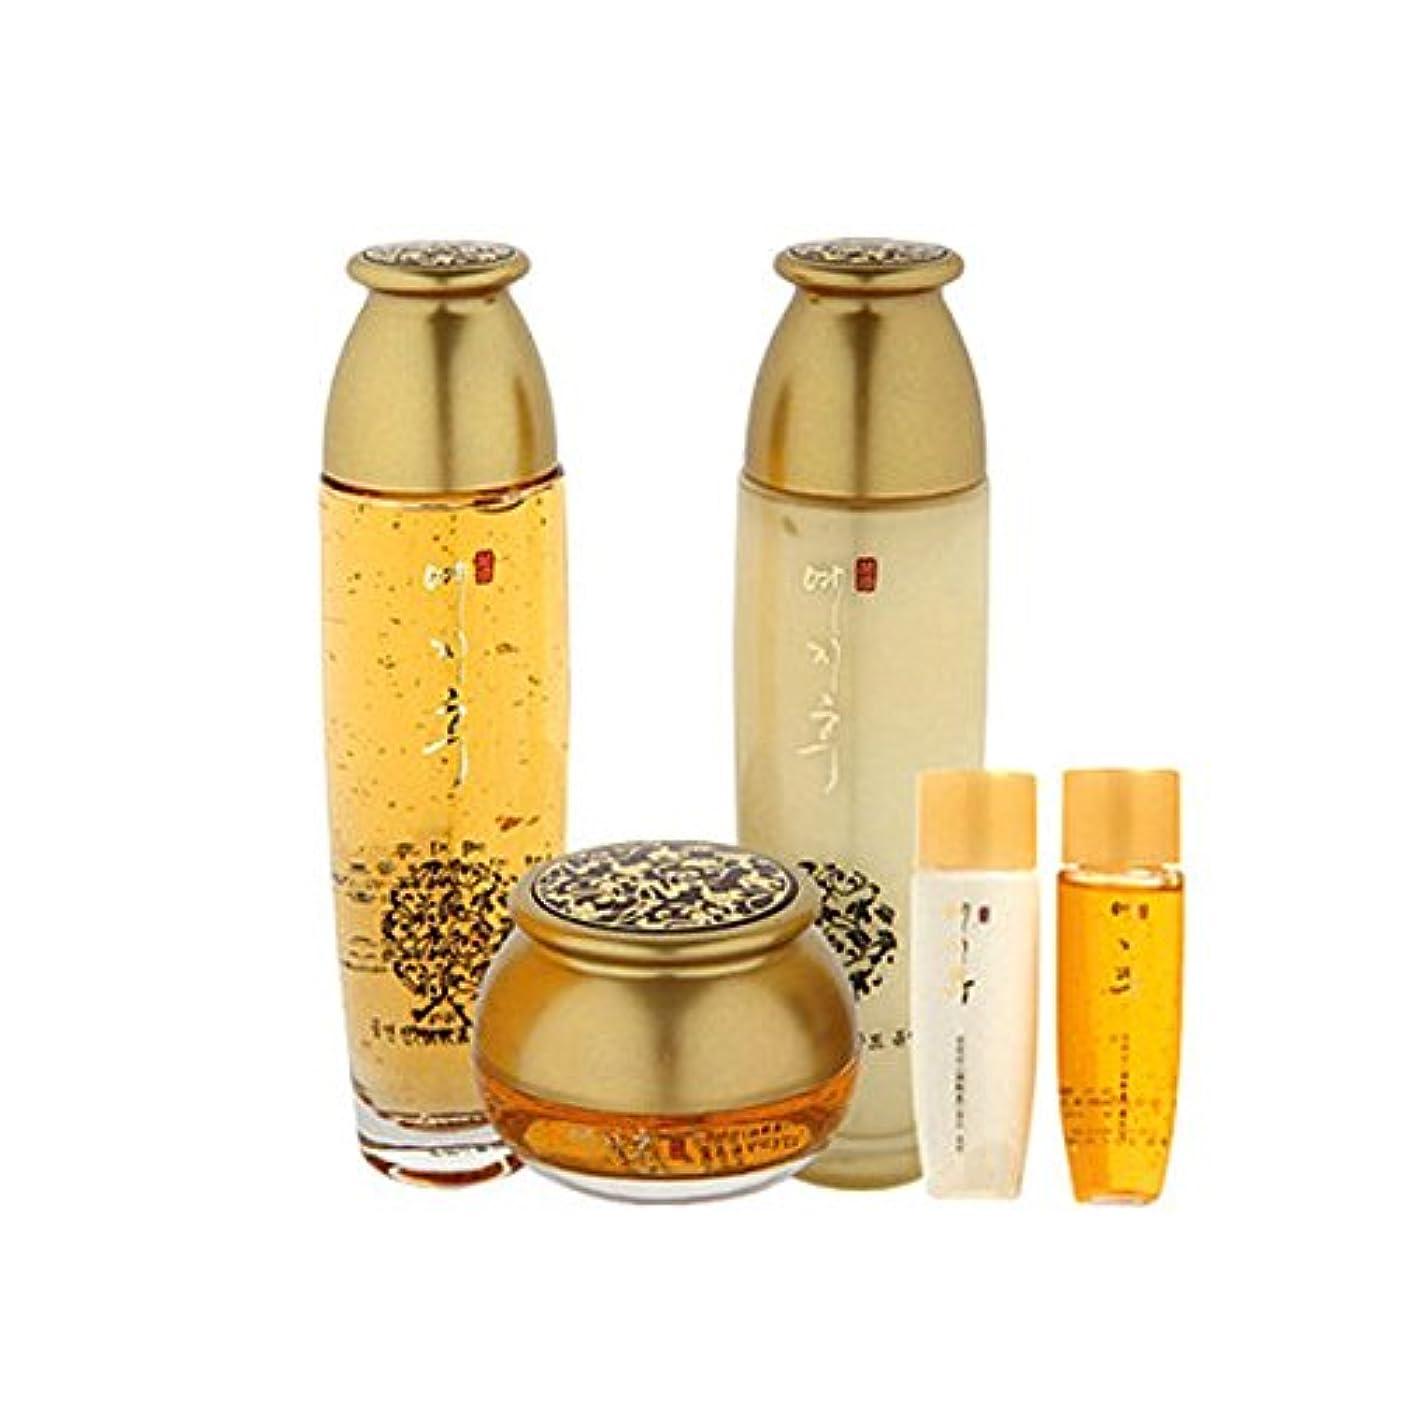 エンジニアリング丈夫嵐の[韓国コスメYEZIHU]99.9% Pure Gold Skin Care Set 99.9%ピュアゴールド漢方スキンケア3セット樹液/乳液/クリーム [並行輸入品]